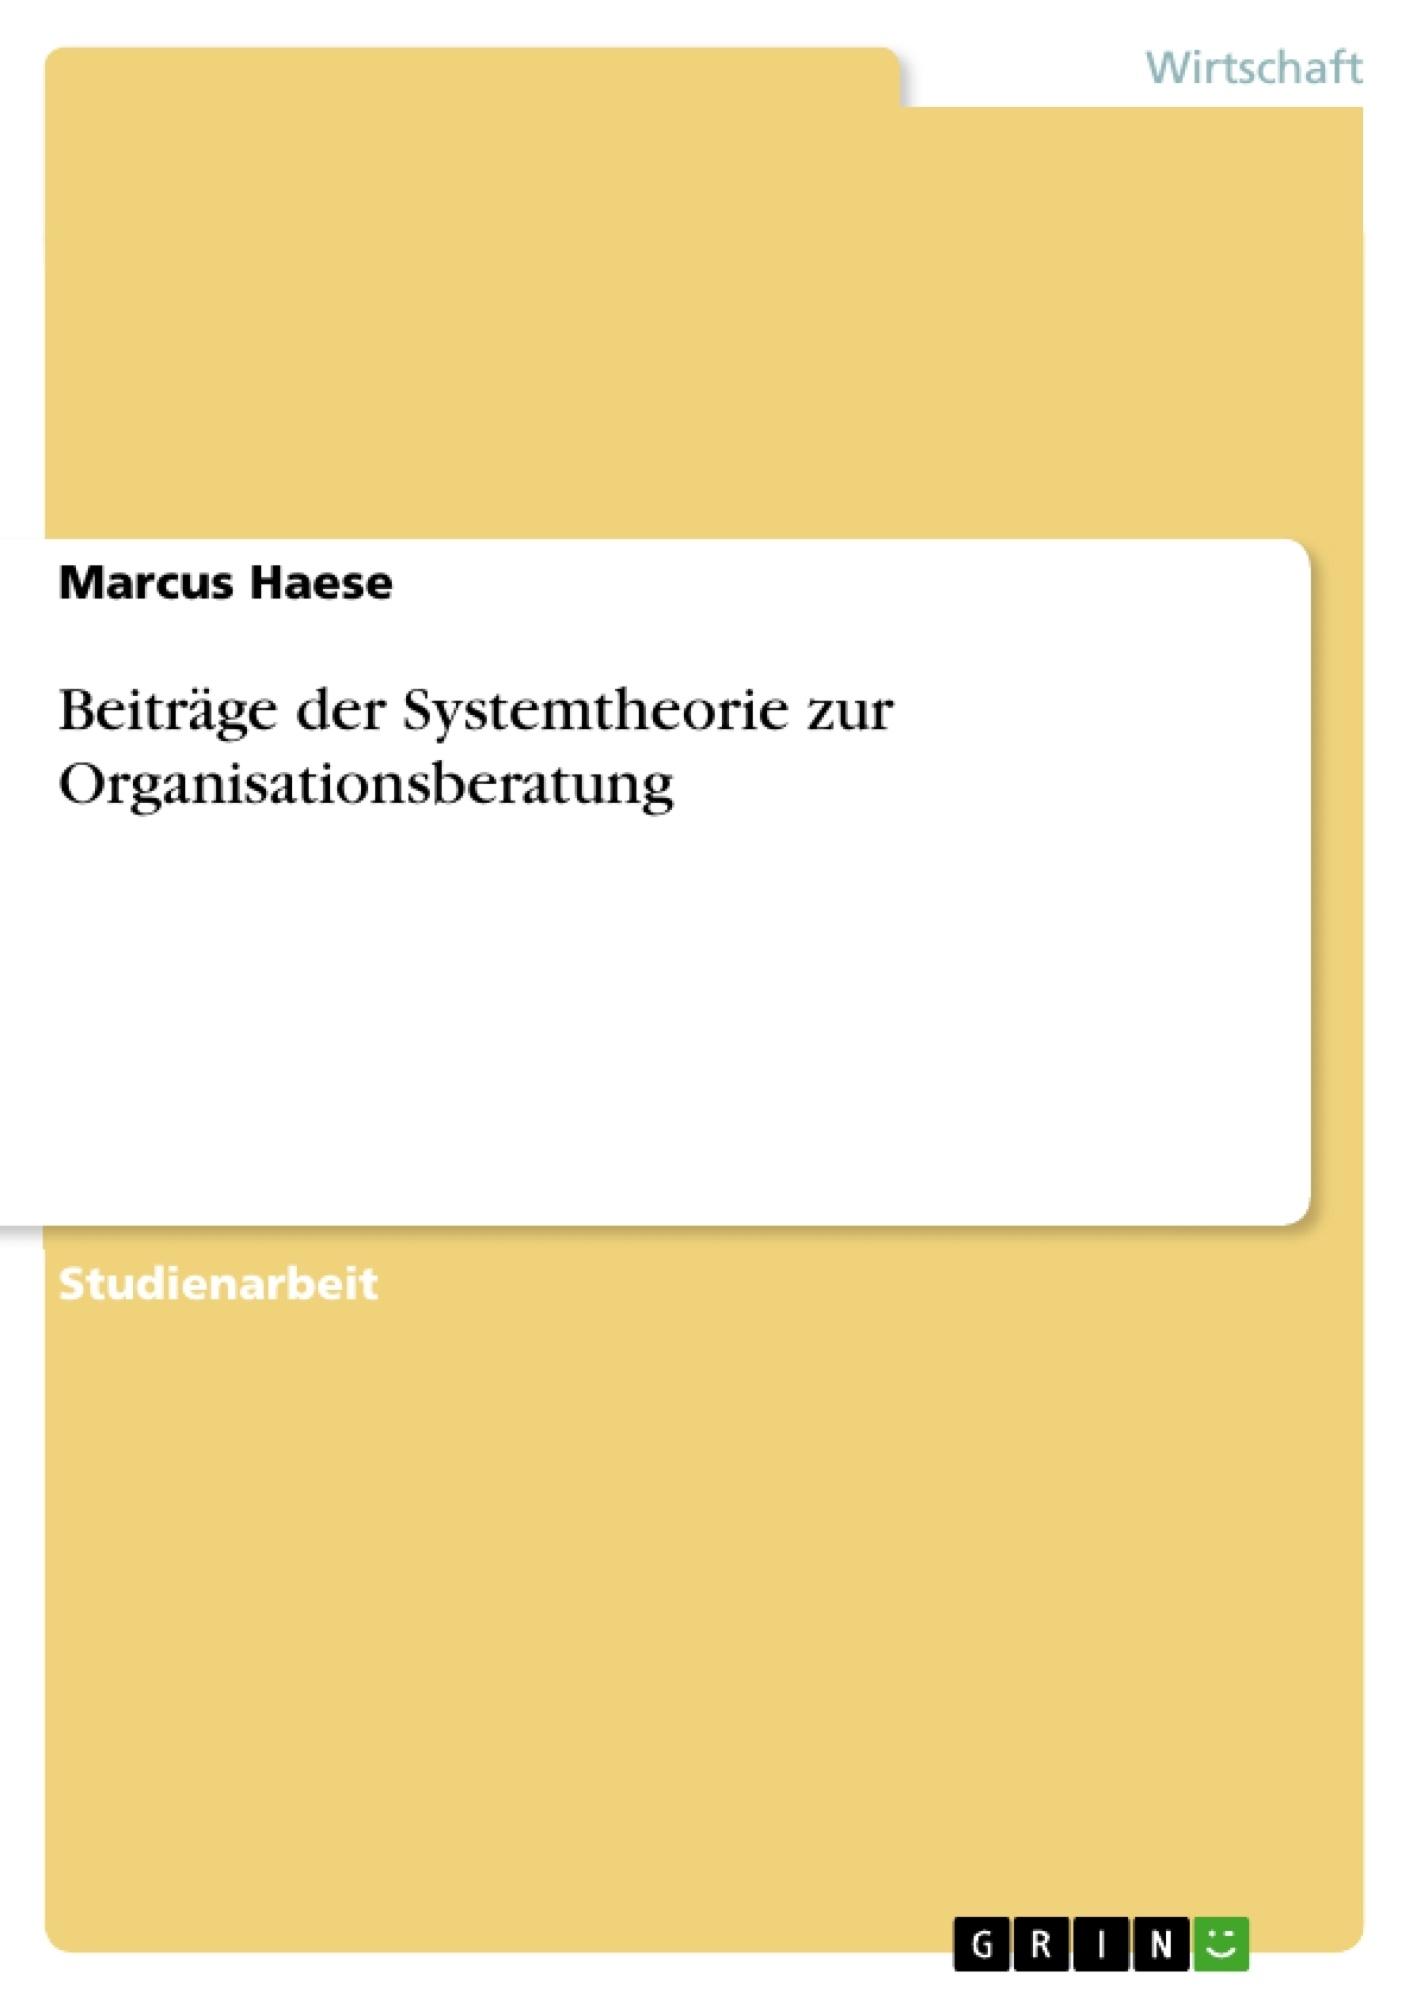 Titel: Beiträge der Systemtheorie zur Organisationsberatung